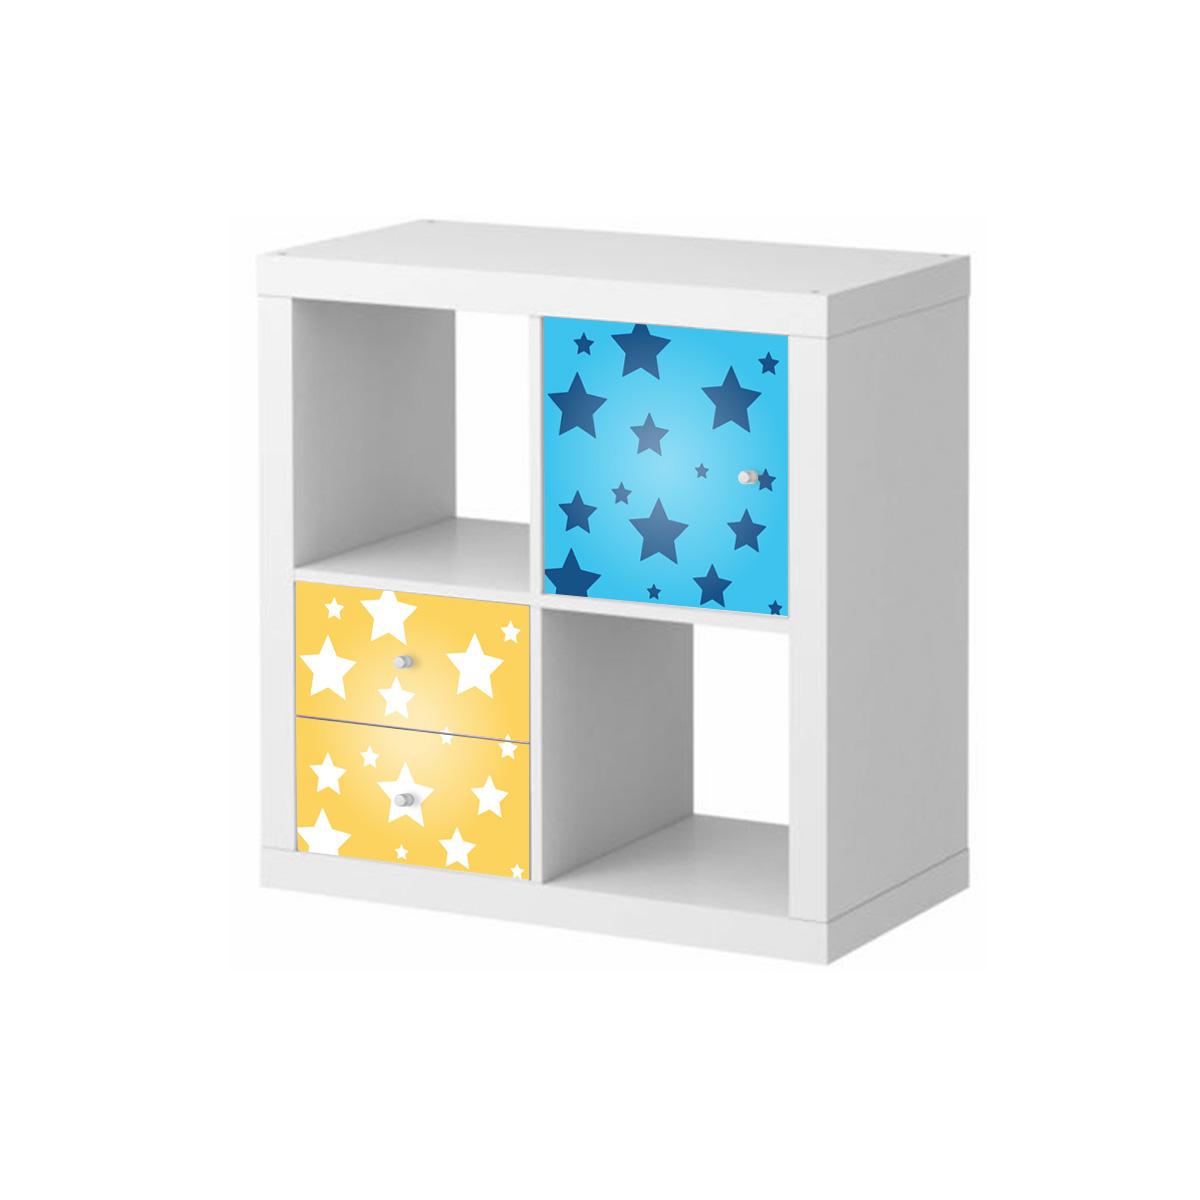 stickers meubles ikea stickers meubles ikea toiles sur fond bleu ambiance. Black Bedroom Furniture Sets. Home Design Ideas